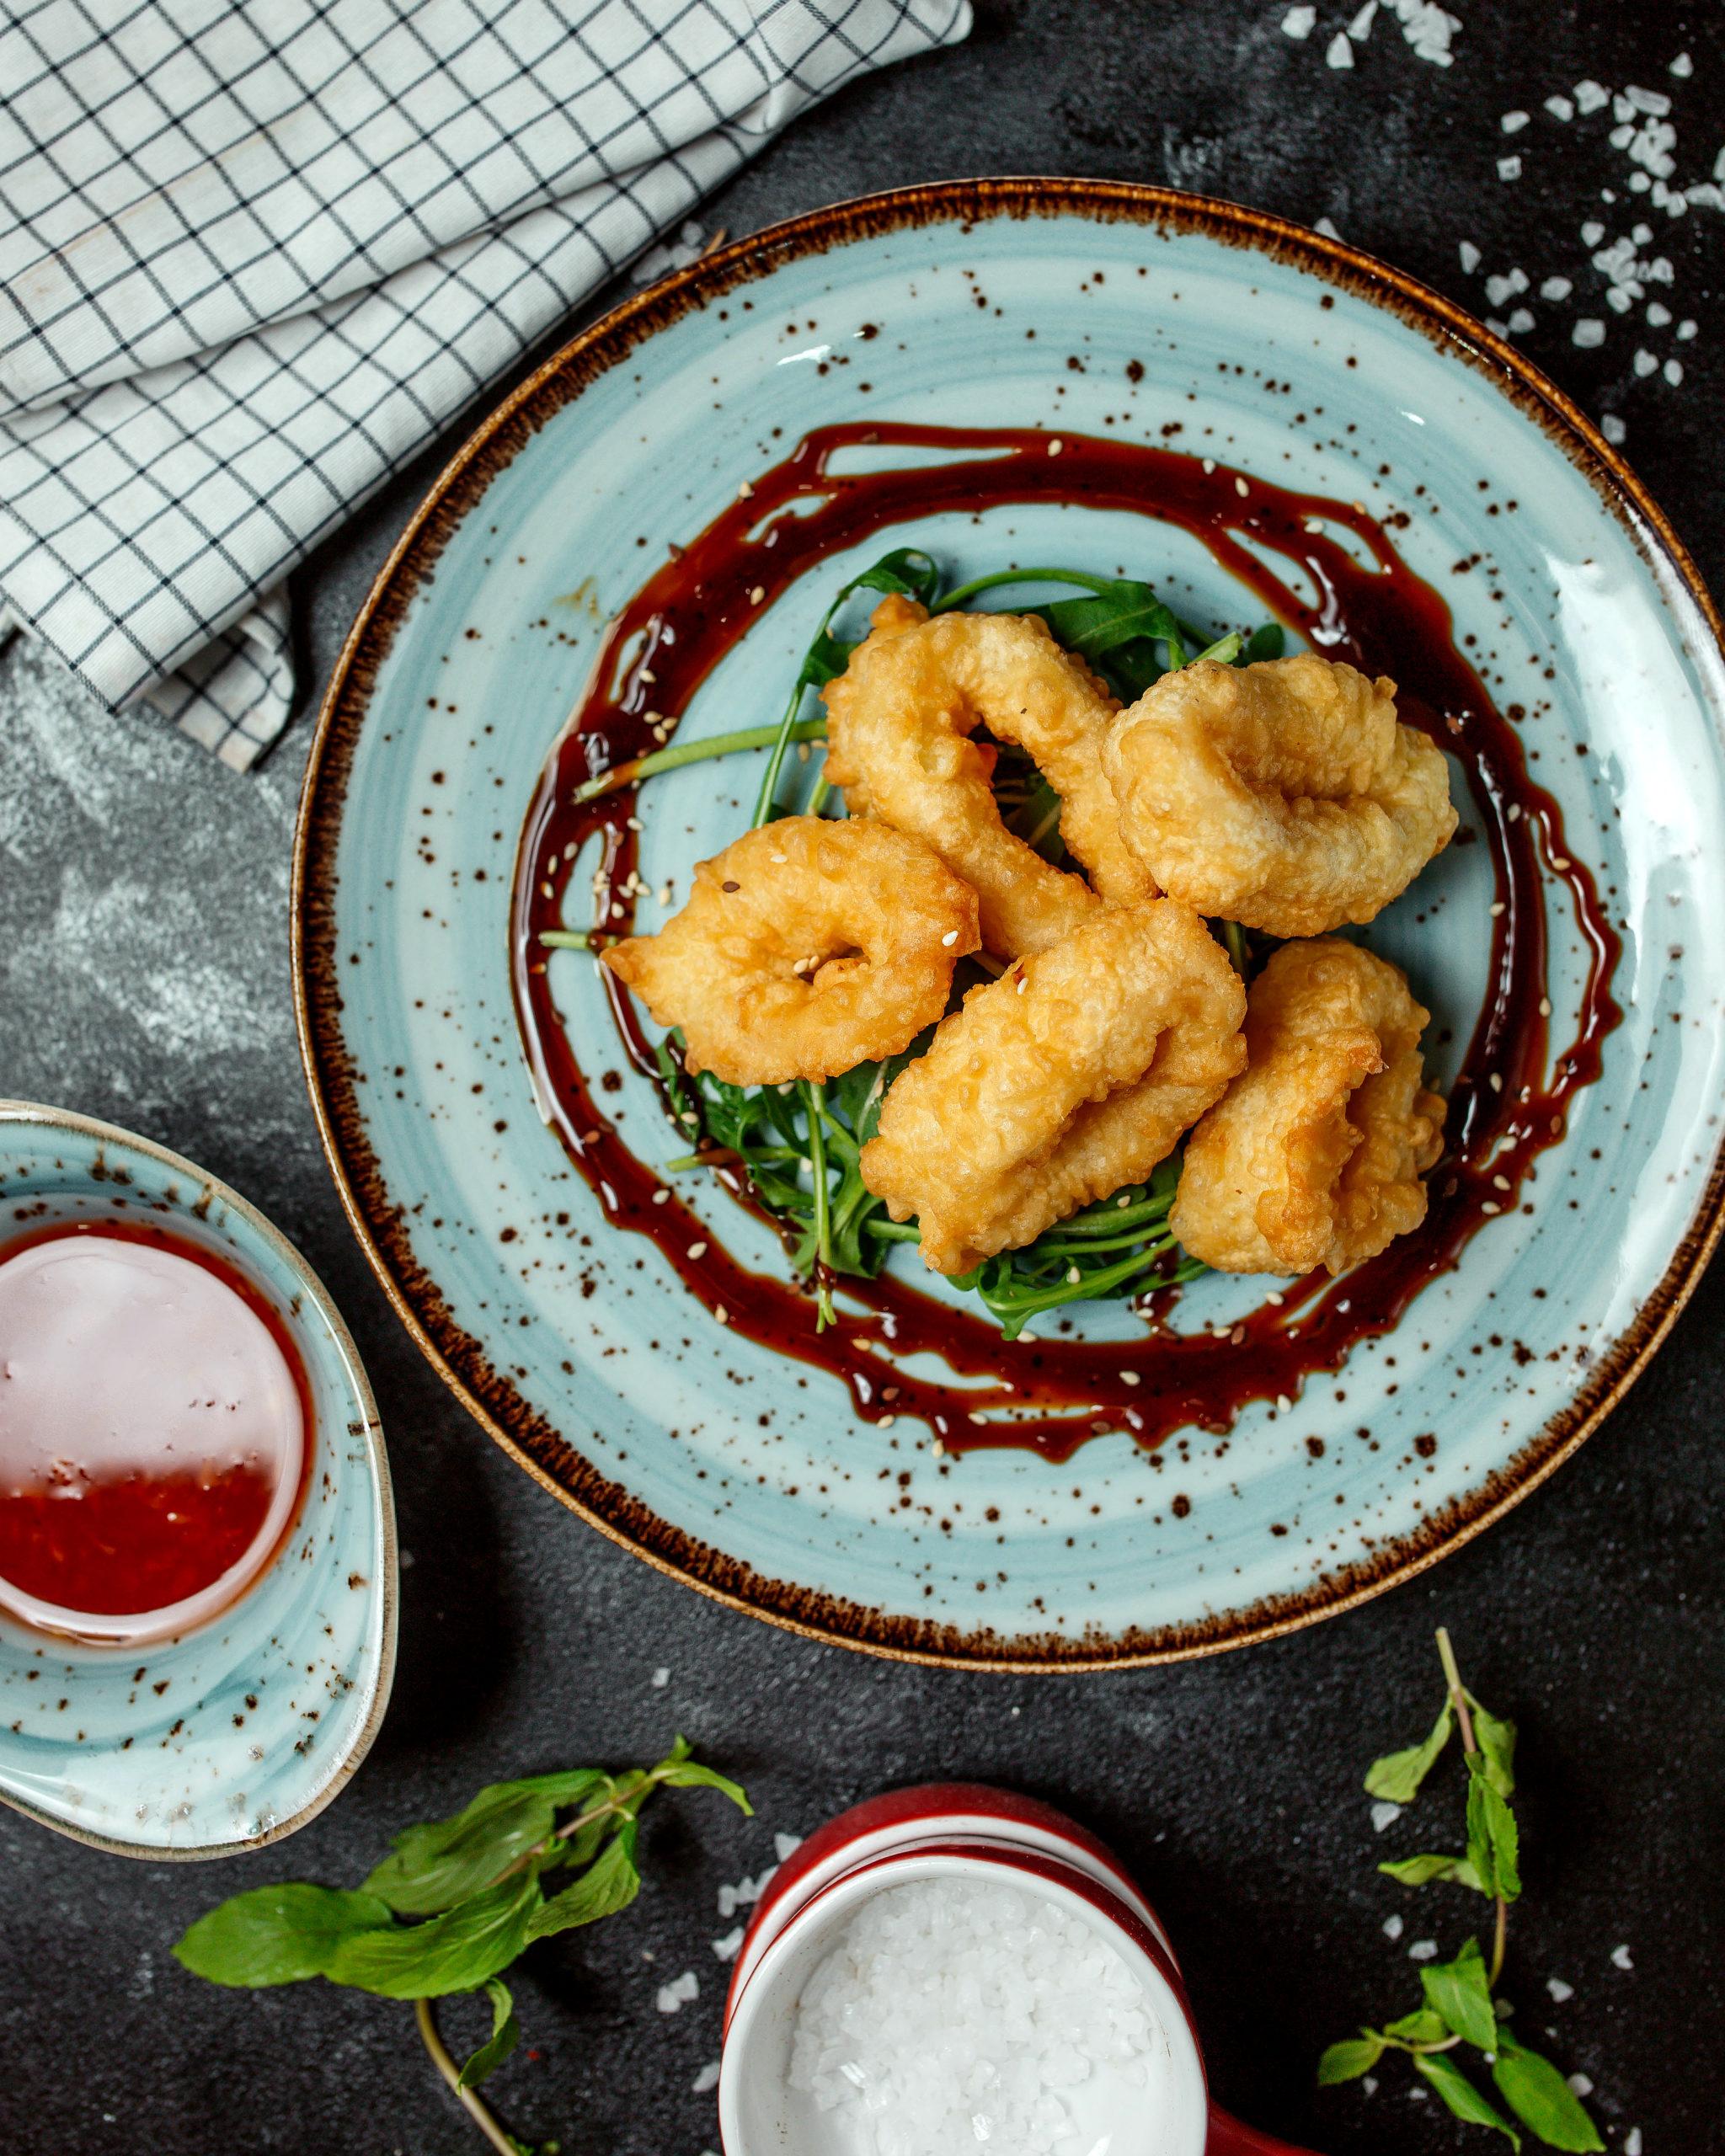 Calamari fritti con ketchup fatto in casa